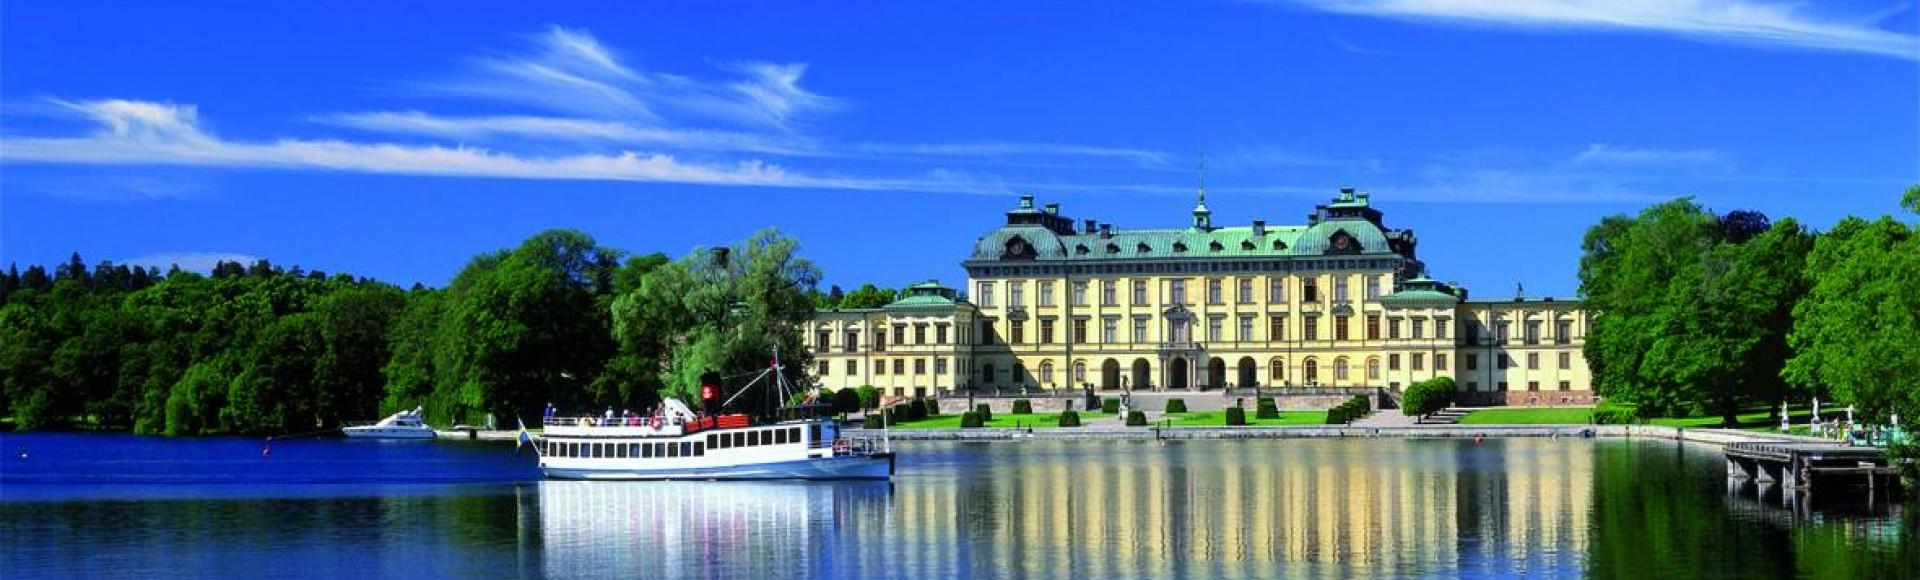 Cruceros gastronómicos en Estocolmo